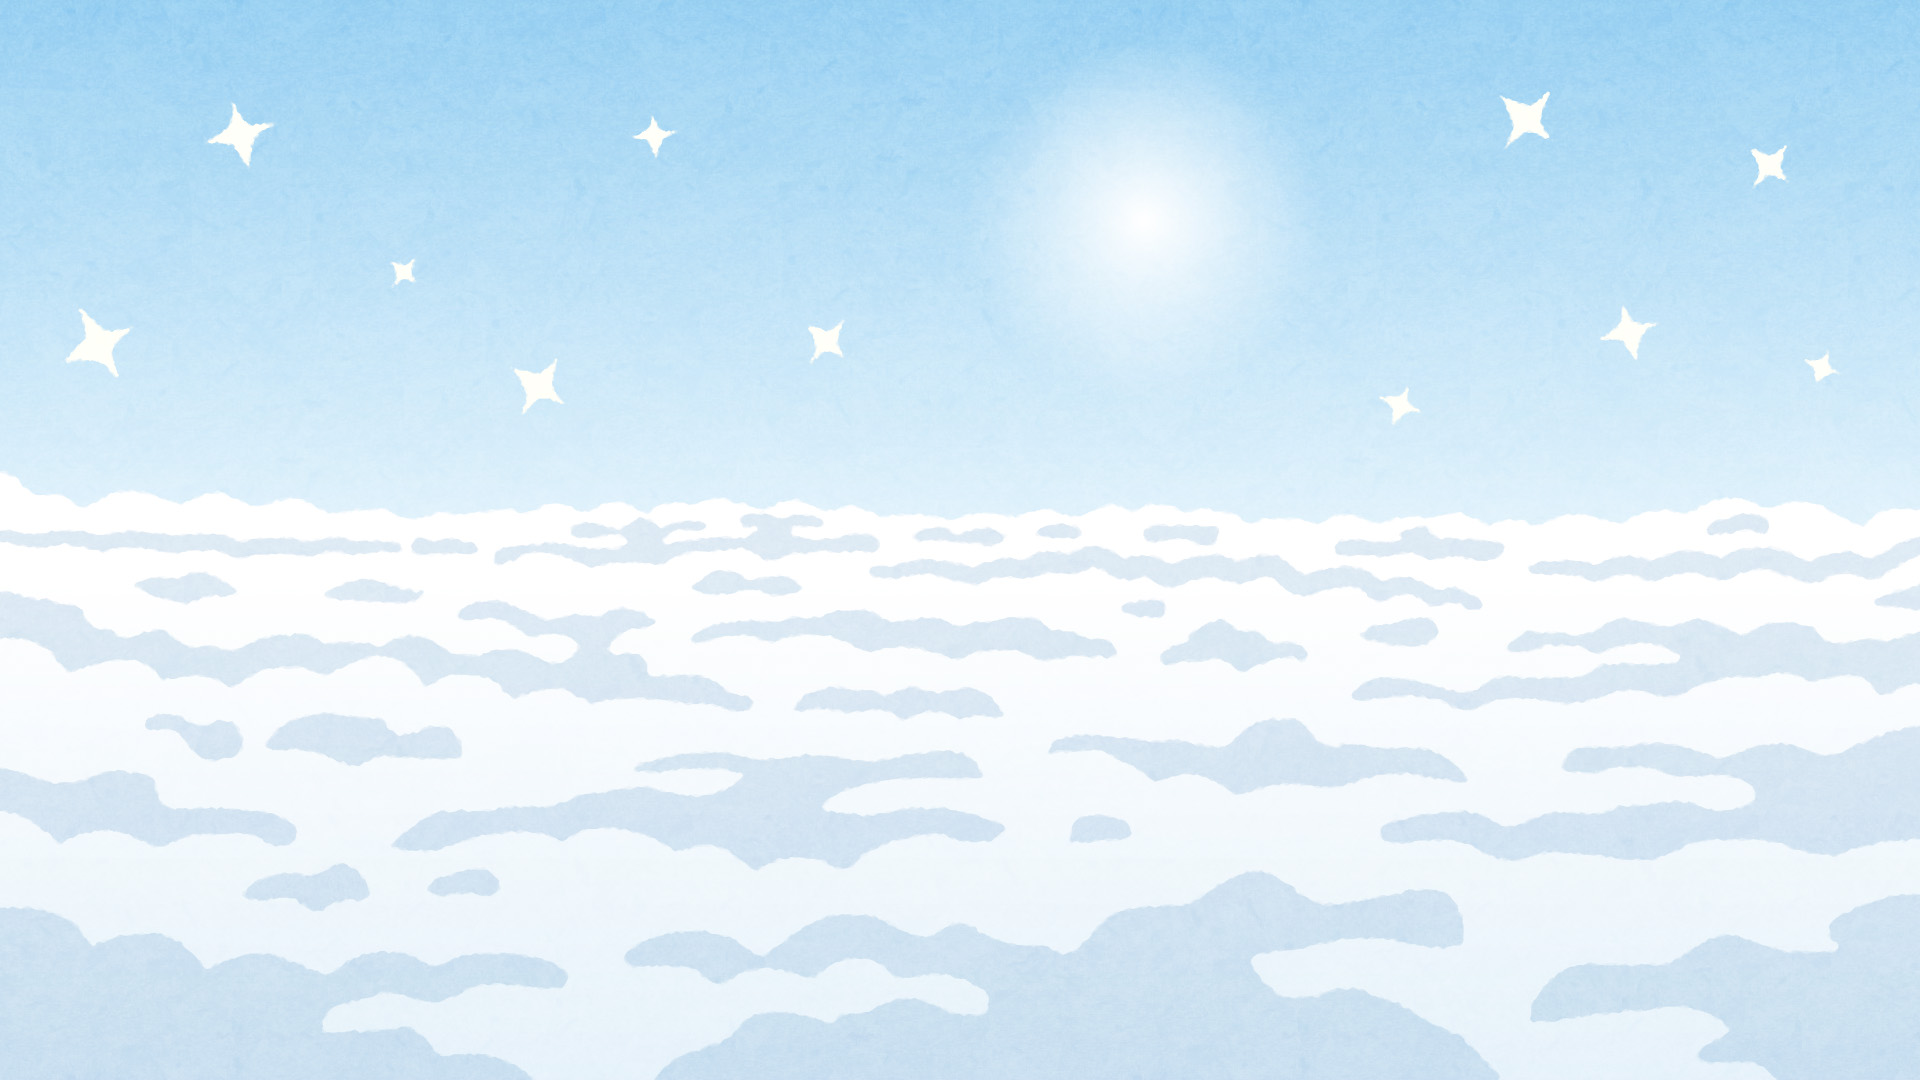 天国のイラスト背景素材 かわいいフリー素材集 いらすとや